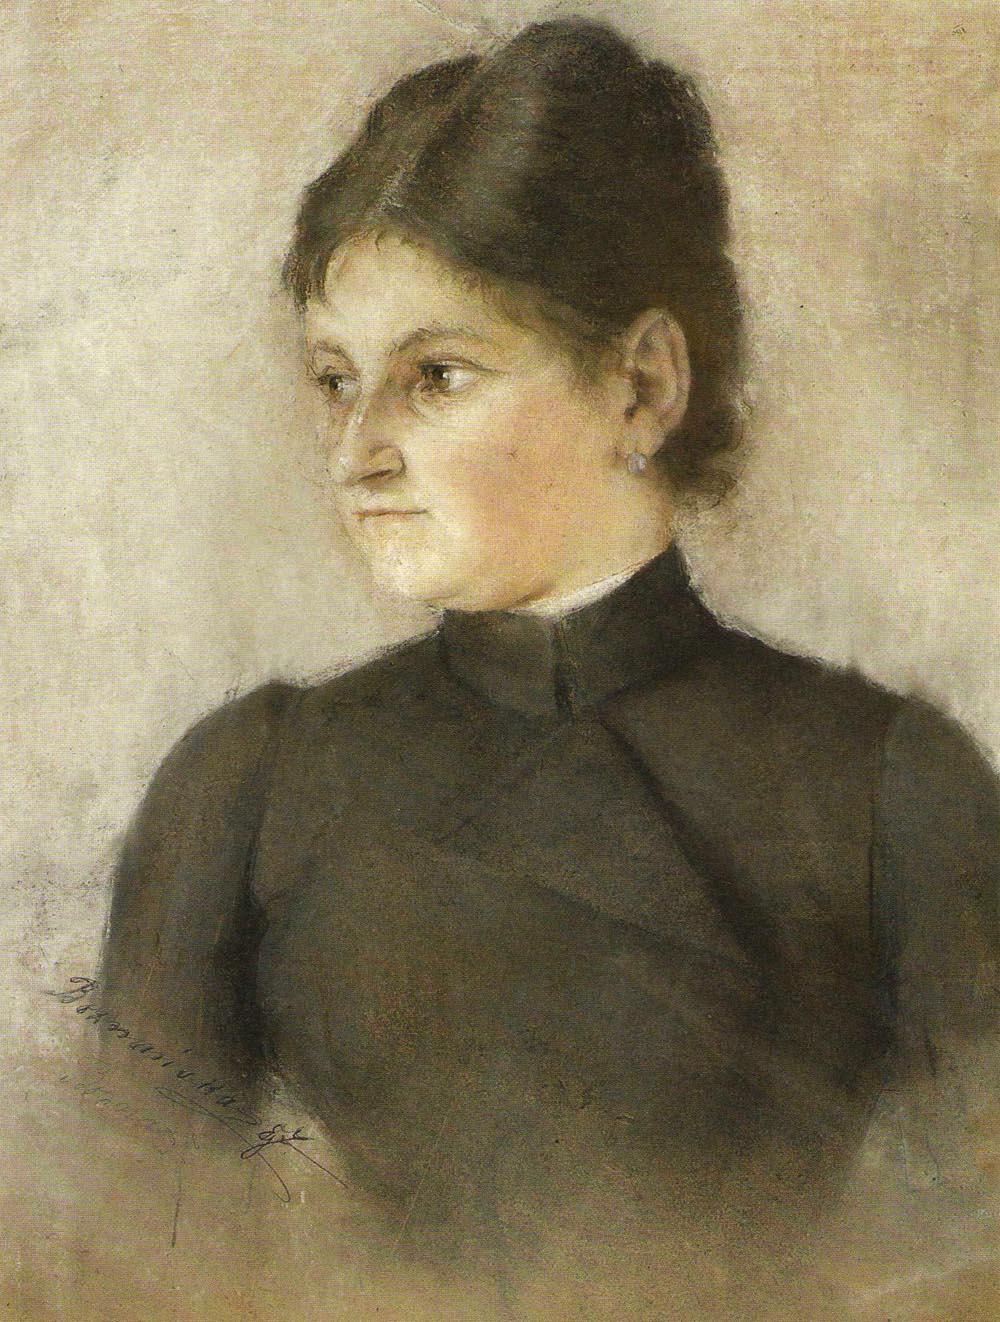 """Olga Boznańska (1865 - 1940) """"Portret siostry Izy Boznańskiej"""", 1887 rok, źródło: Agra-Art"""